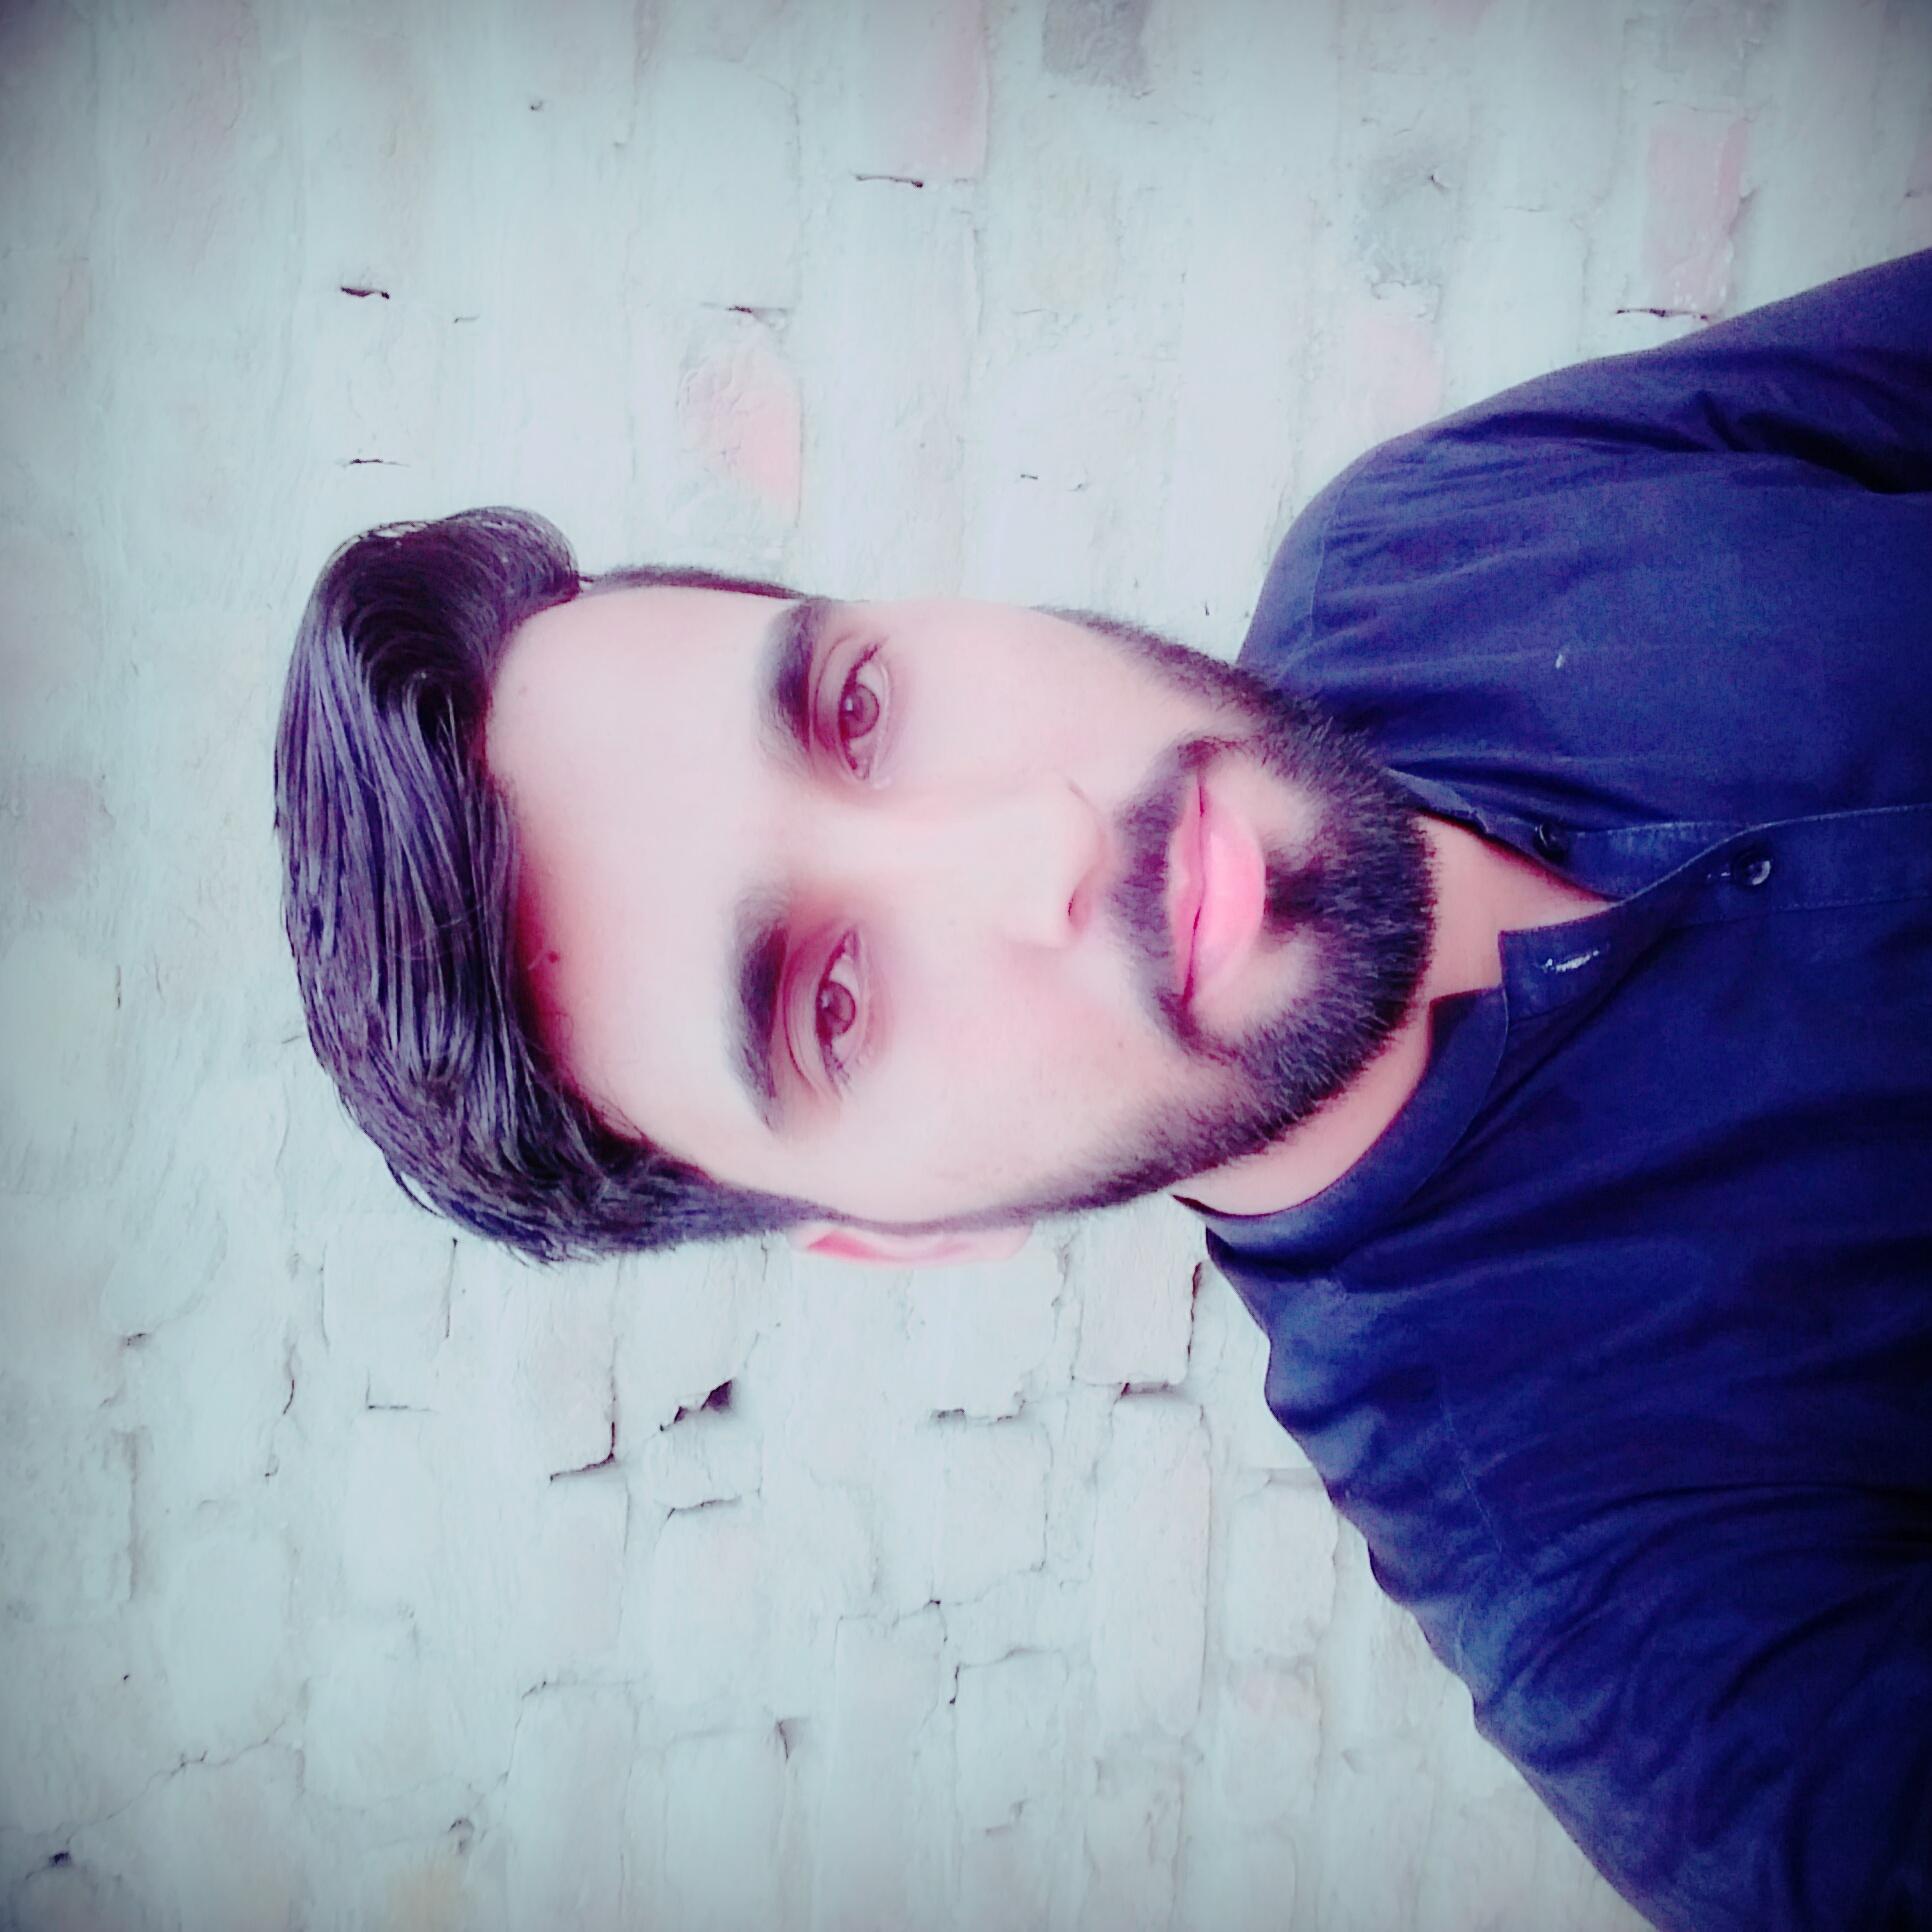 Sohail Ahmed Shujrah